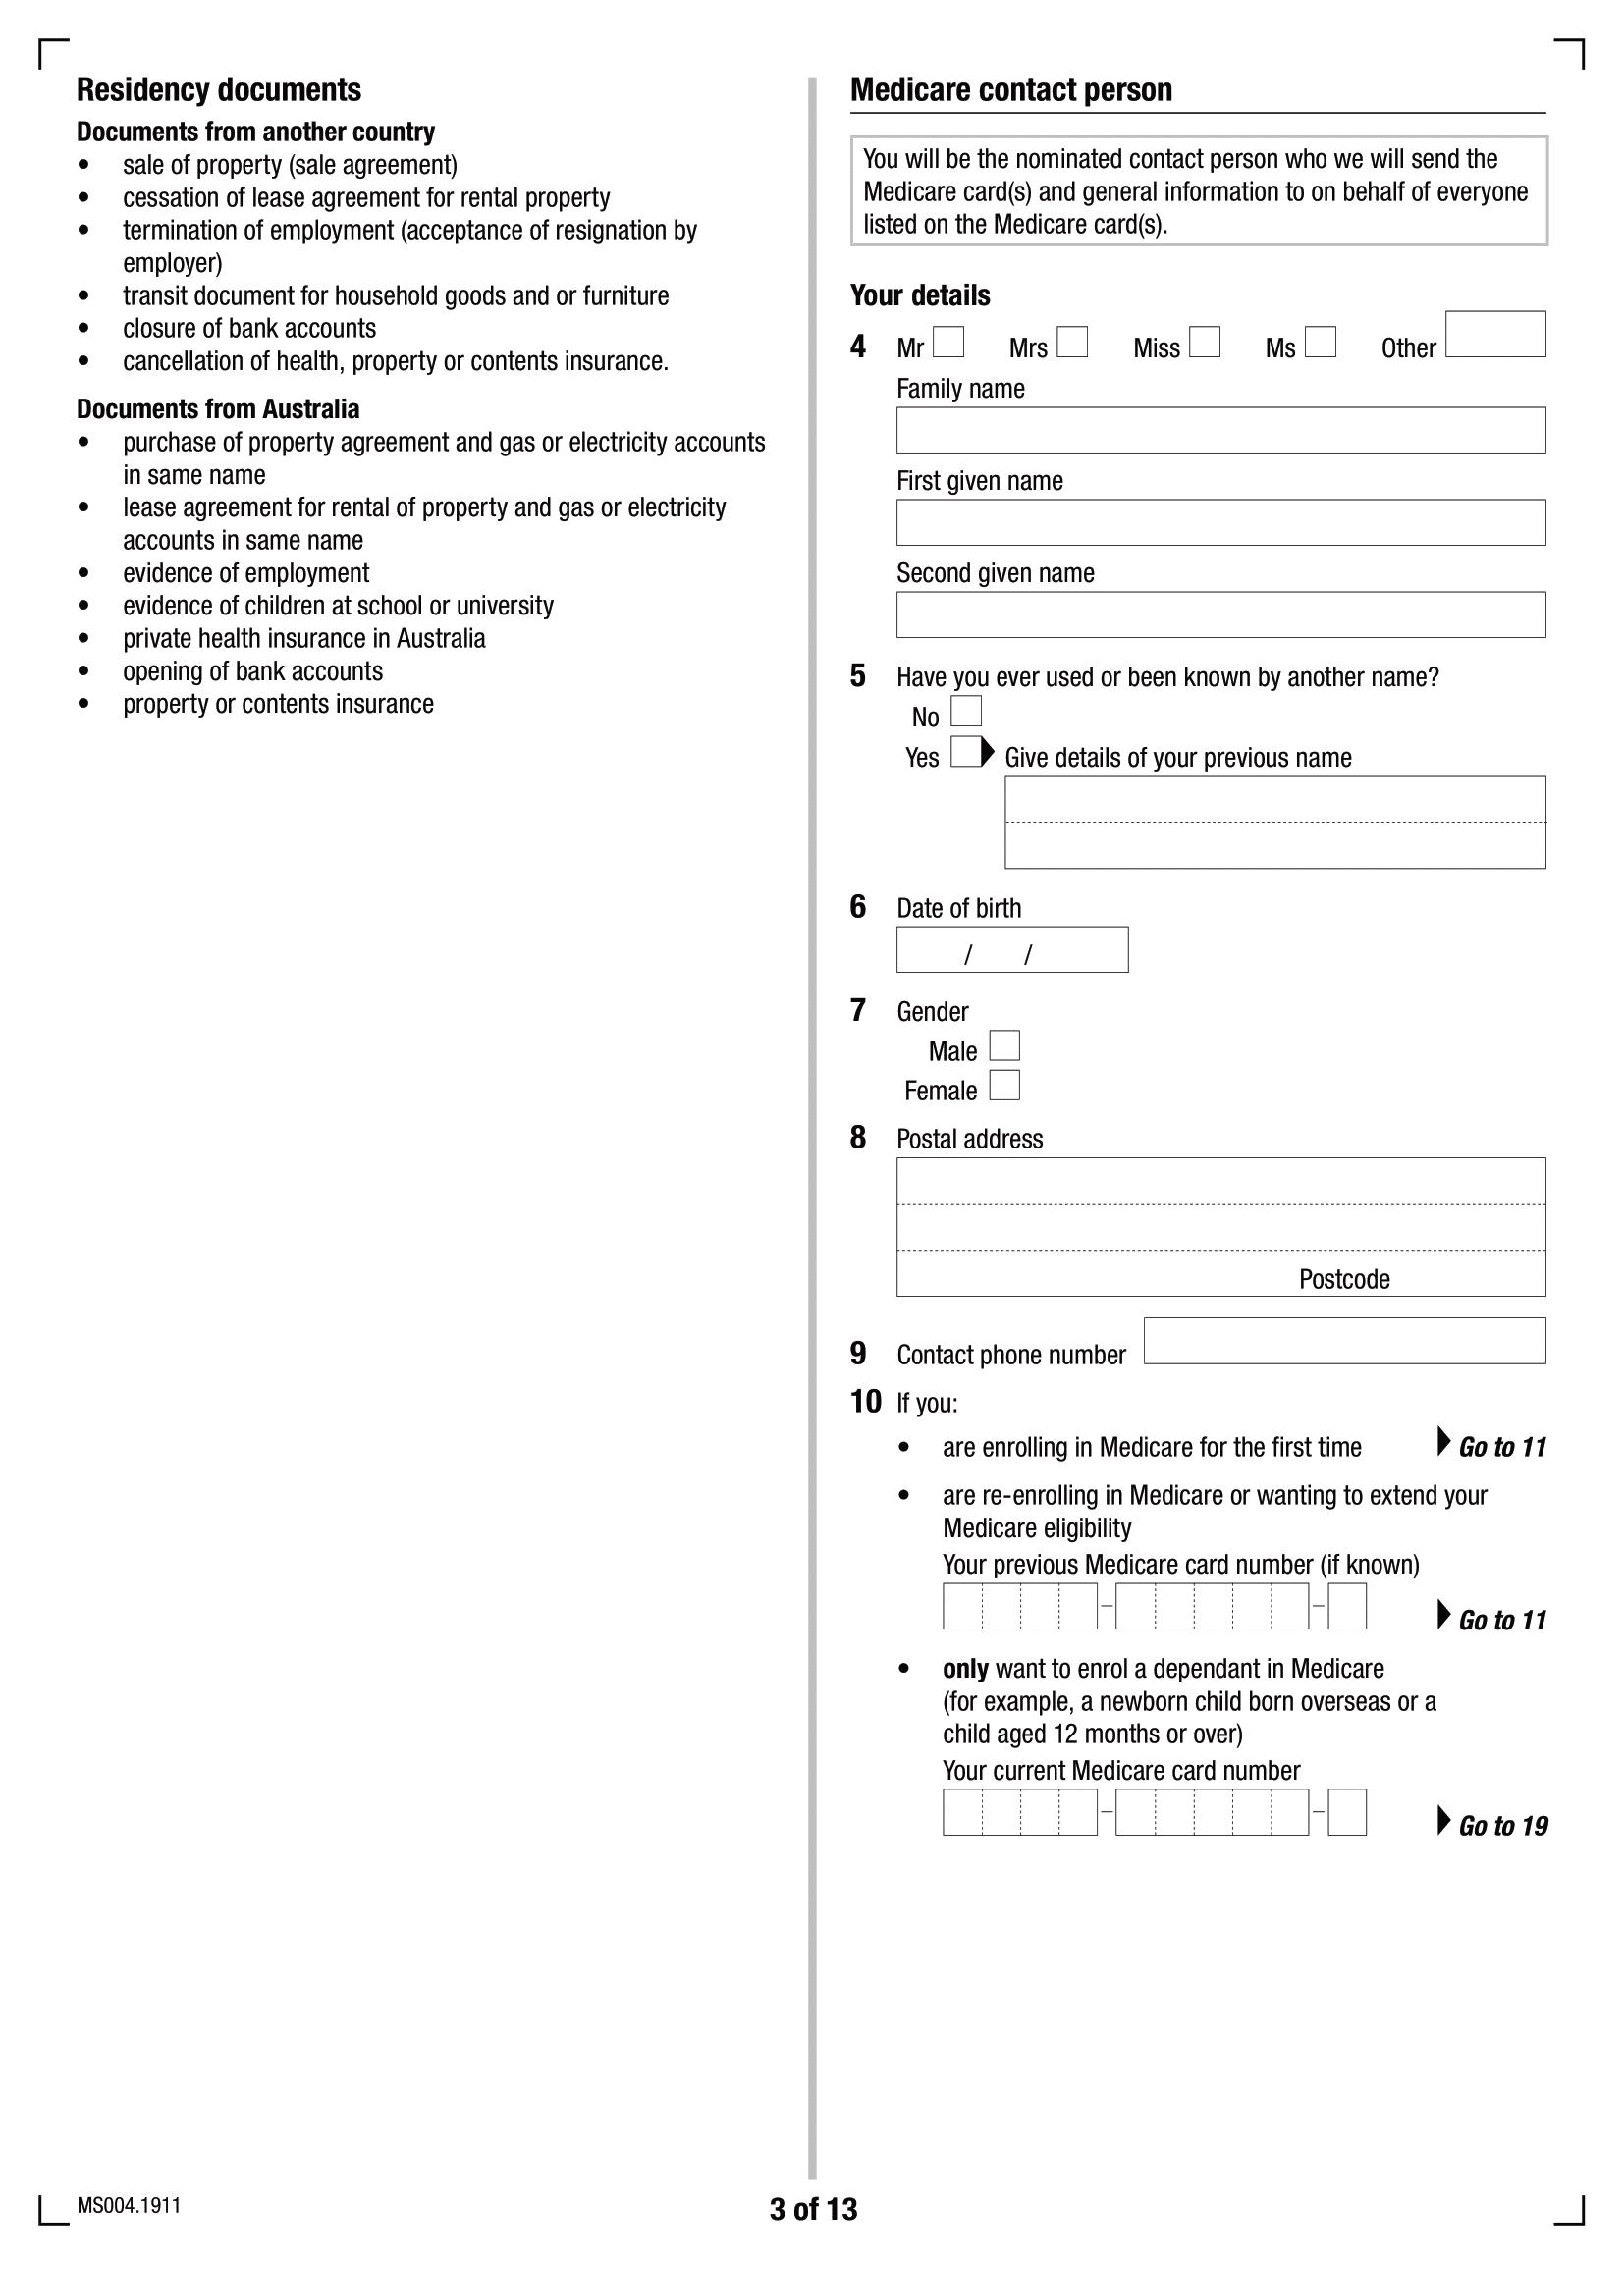 Formulaire d'inscription Medicare MS004 - Page 3